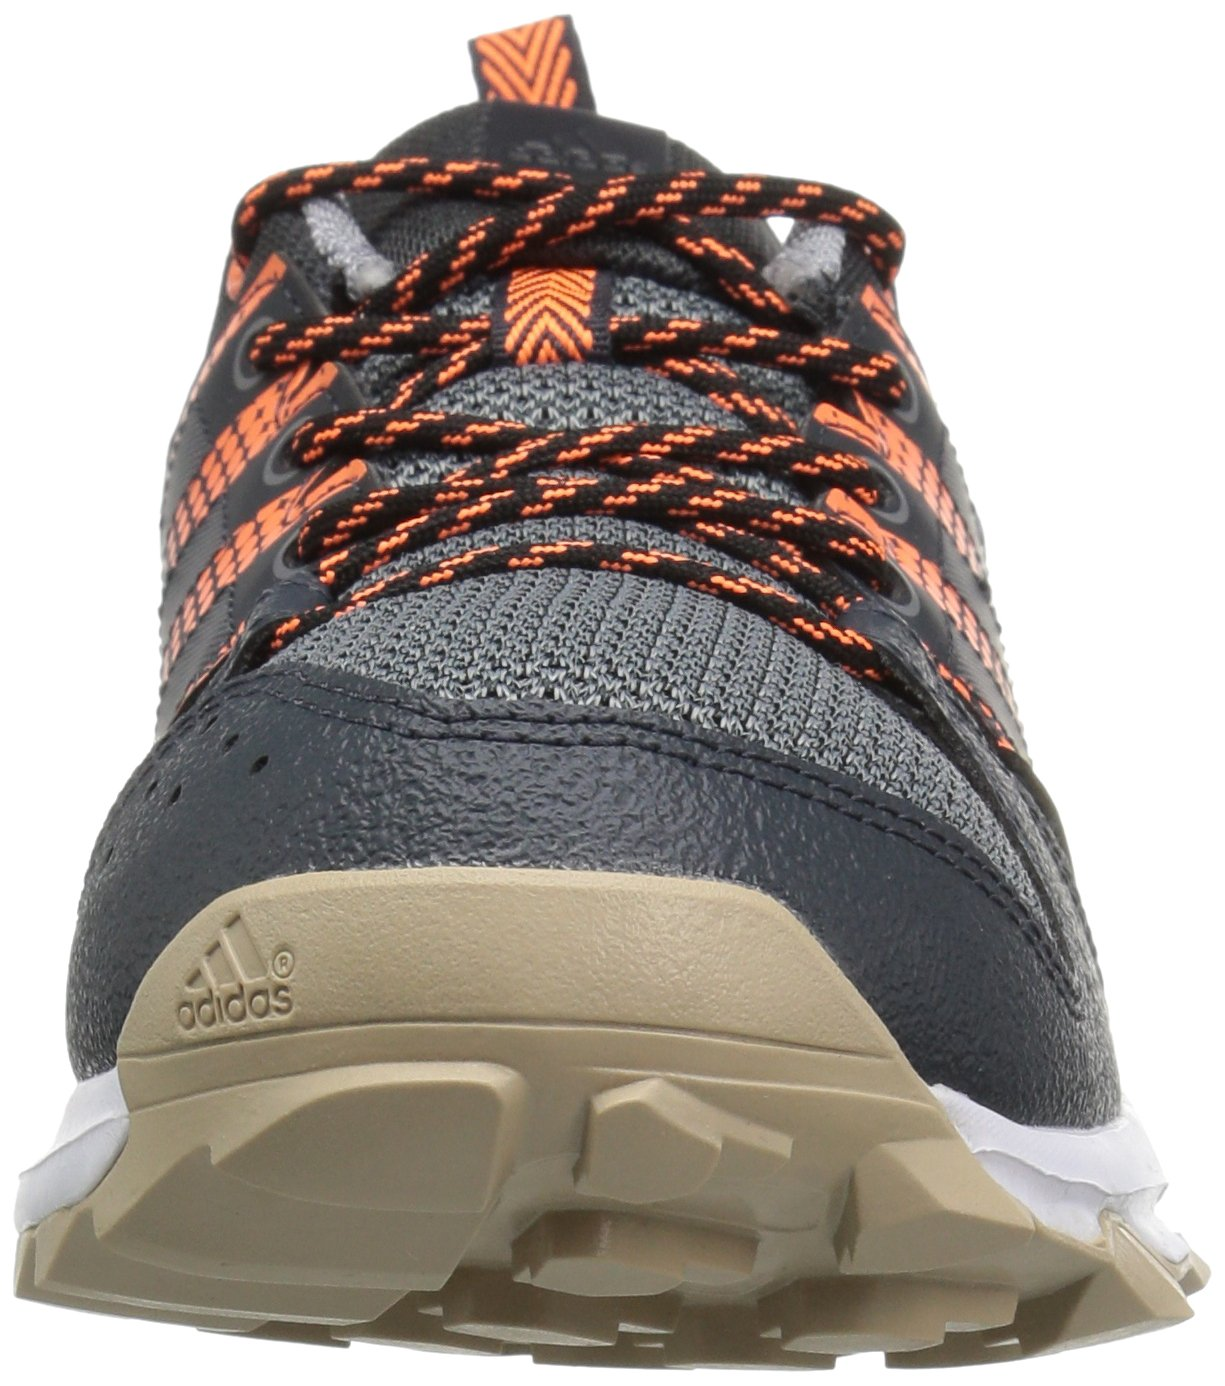 Zapatillas de brillante oscuro running adidas Galaxy Trail W brillante Trail oscuro para c01a073 - temperaturamning.website